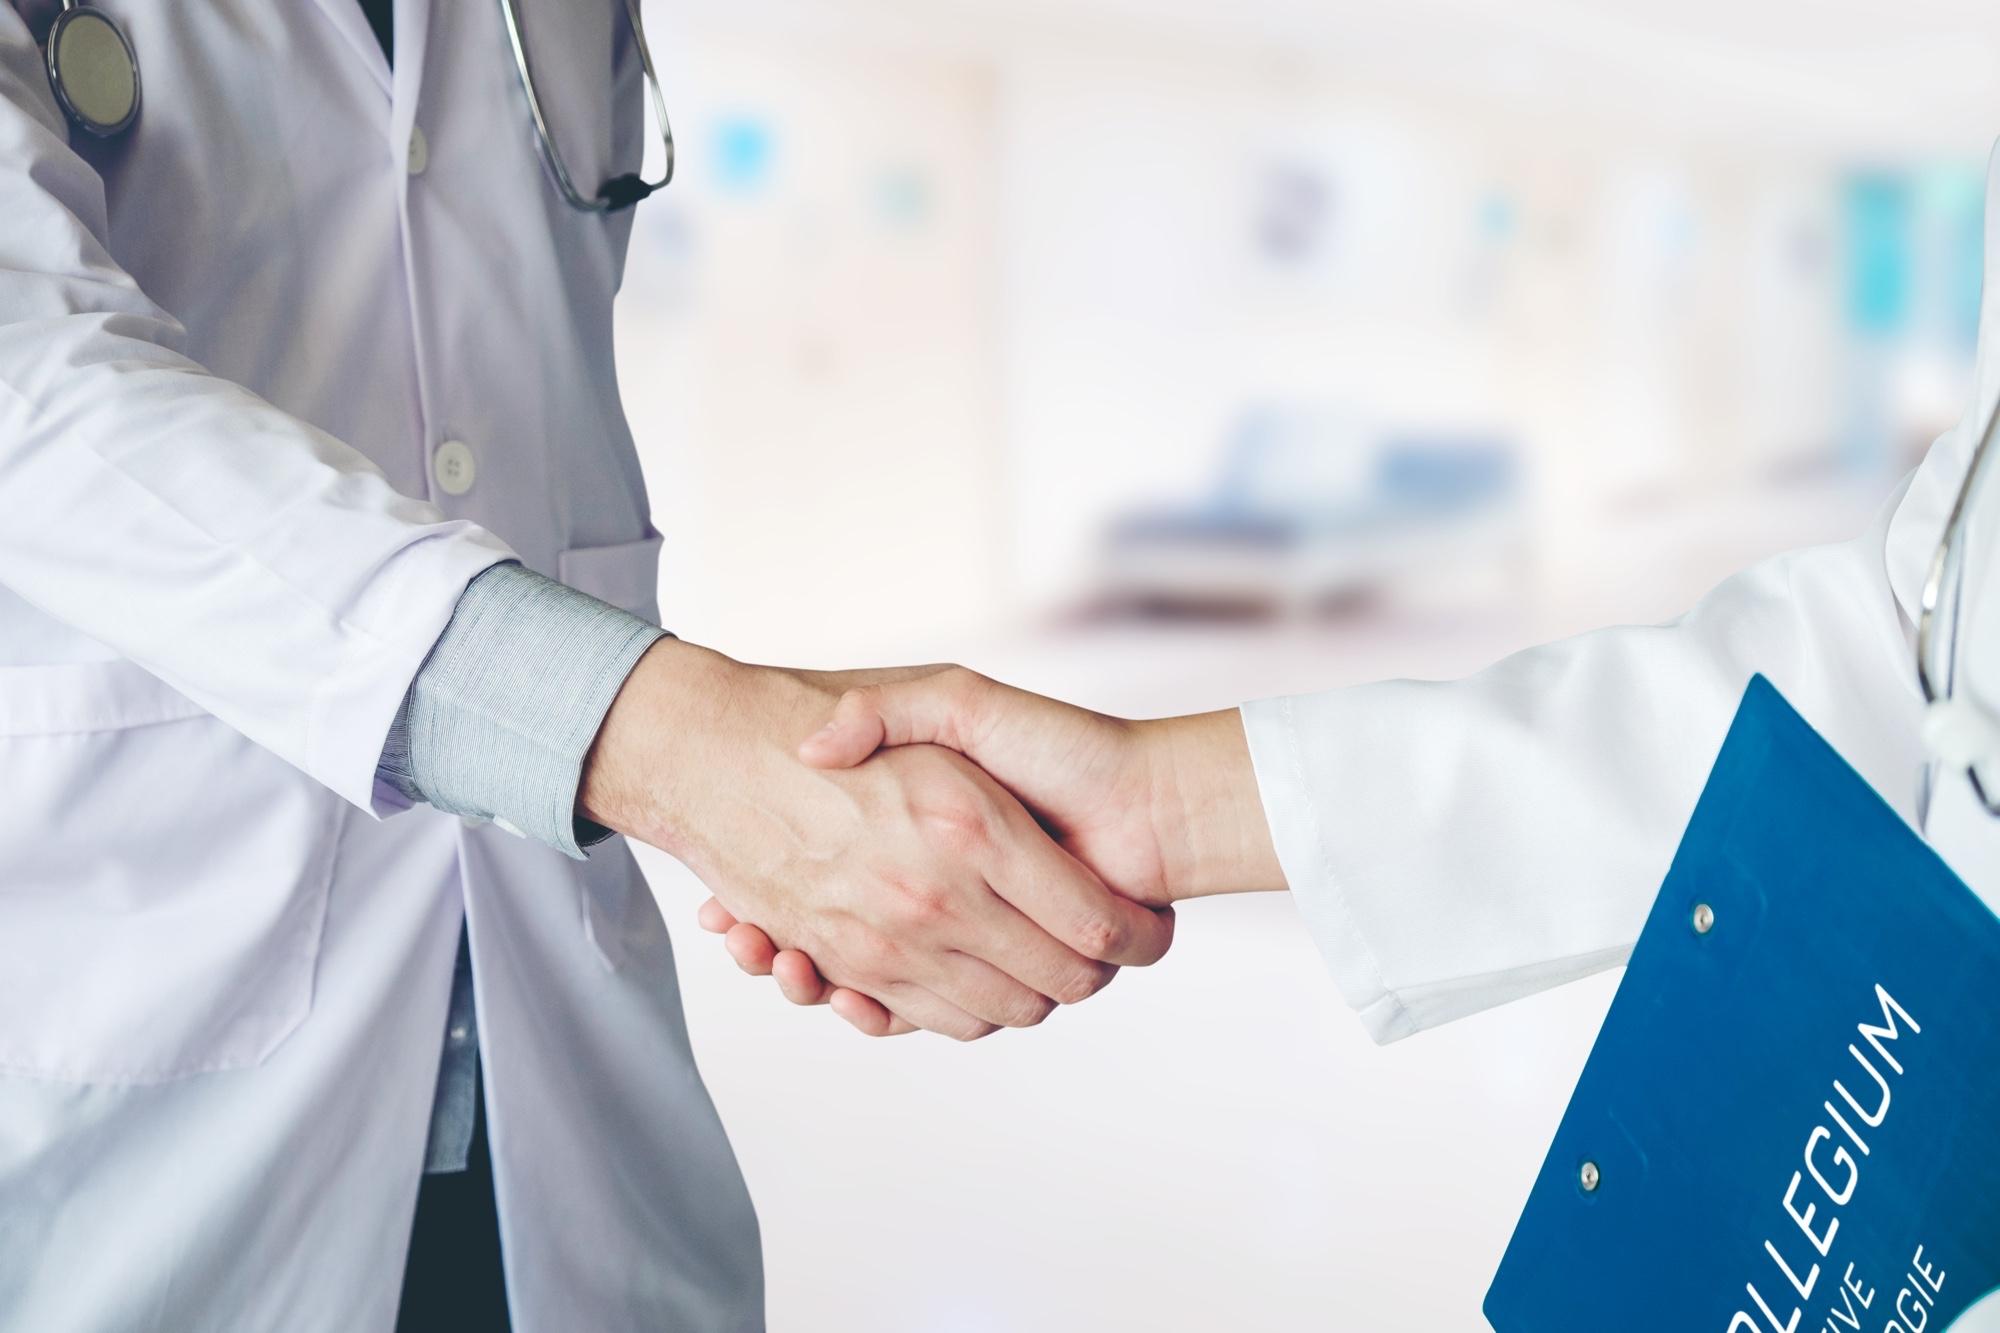 Partner & Netzwerk - Wir sind laufend darum bemüht, unser Netzwerk an erstklassigen Partnerschaften zu erweitern. Unsere Partner und uns verbindet das gemeinsame Ziel der optimalen medizinischen Betreuung rund um den operativen Eingriff der Patientin.Werden auch Sie Partner und Teil des Collegiums Operative Gynäkologie. Wir freuen uns auf Ihre Anfrage.